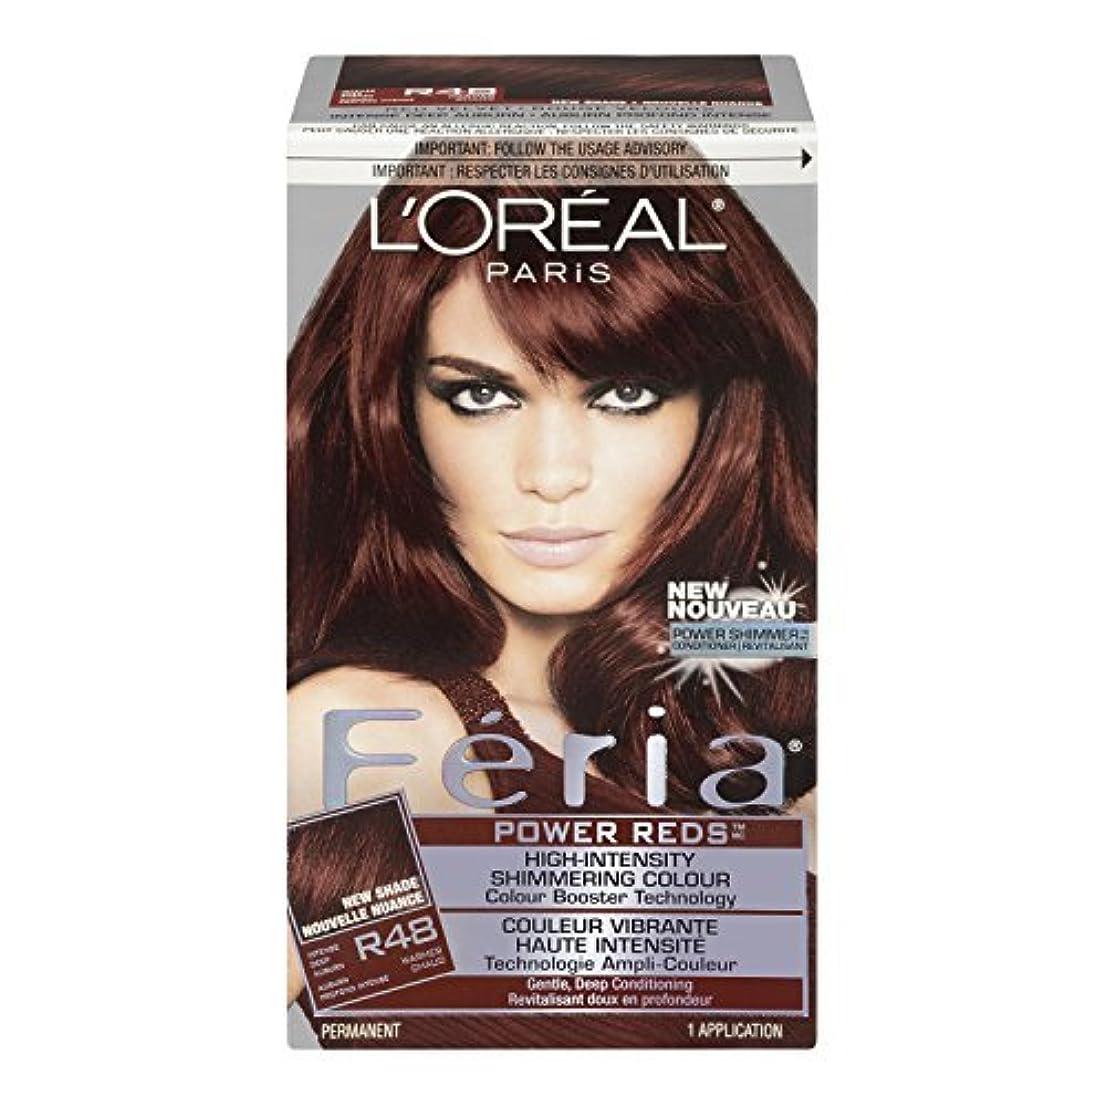 保有者召喚する鉄道L'Oreal Feria Power Reds Hair Color, R48 Intense Deep Auburn/Red Velvet by L'Oreal Paris Hair Color [並行輸入品]